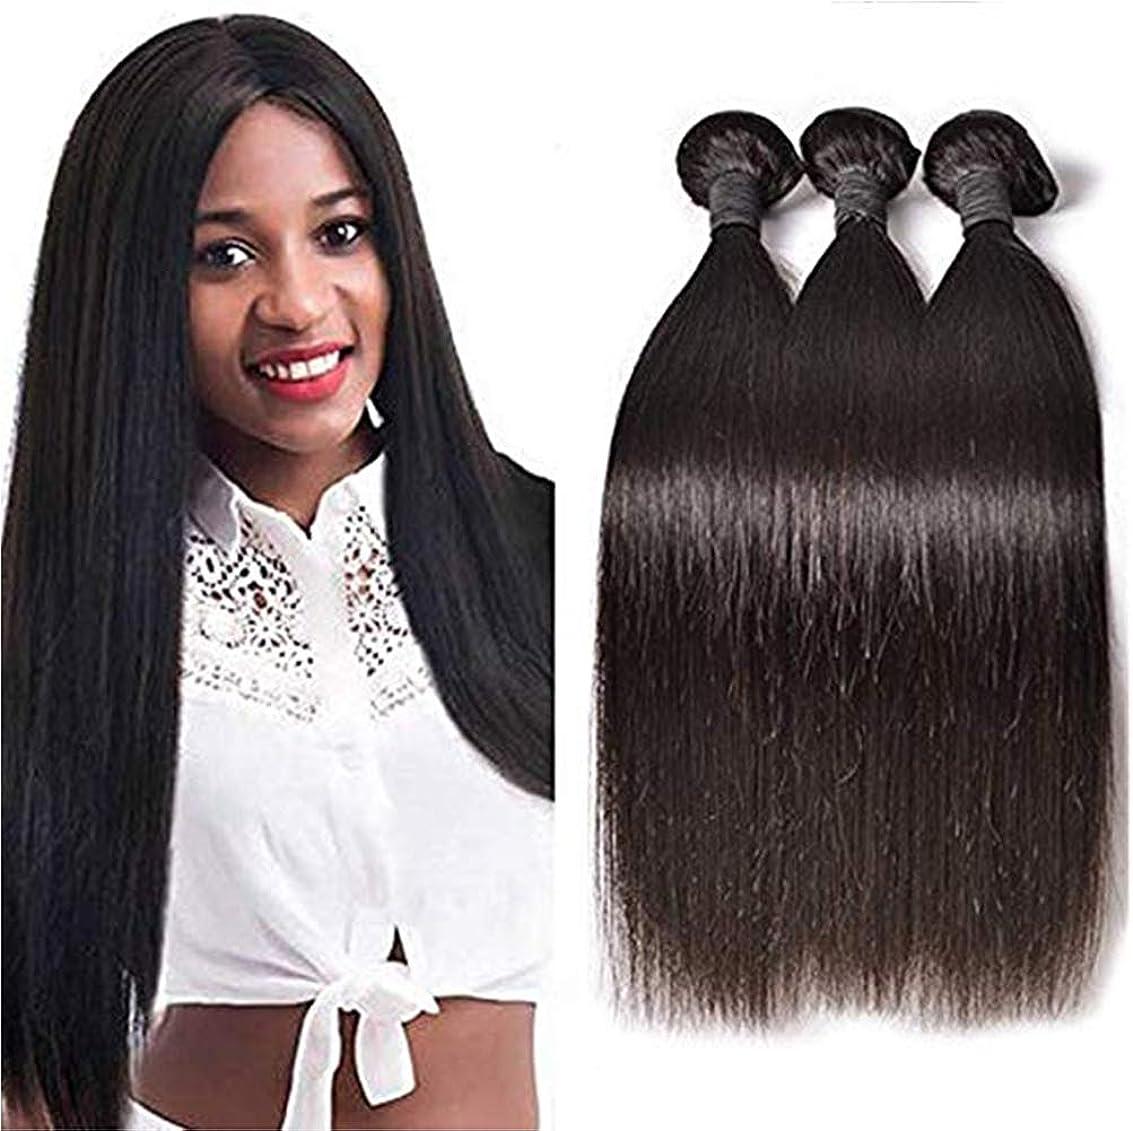 適応ワーディアンケース旅女性10Aブラジルバージン人間の髪の毛1バンドルストレートウェーブ横糸100%本物の人間の毛髪エクステンション自然毛織り